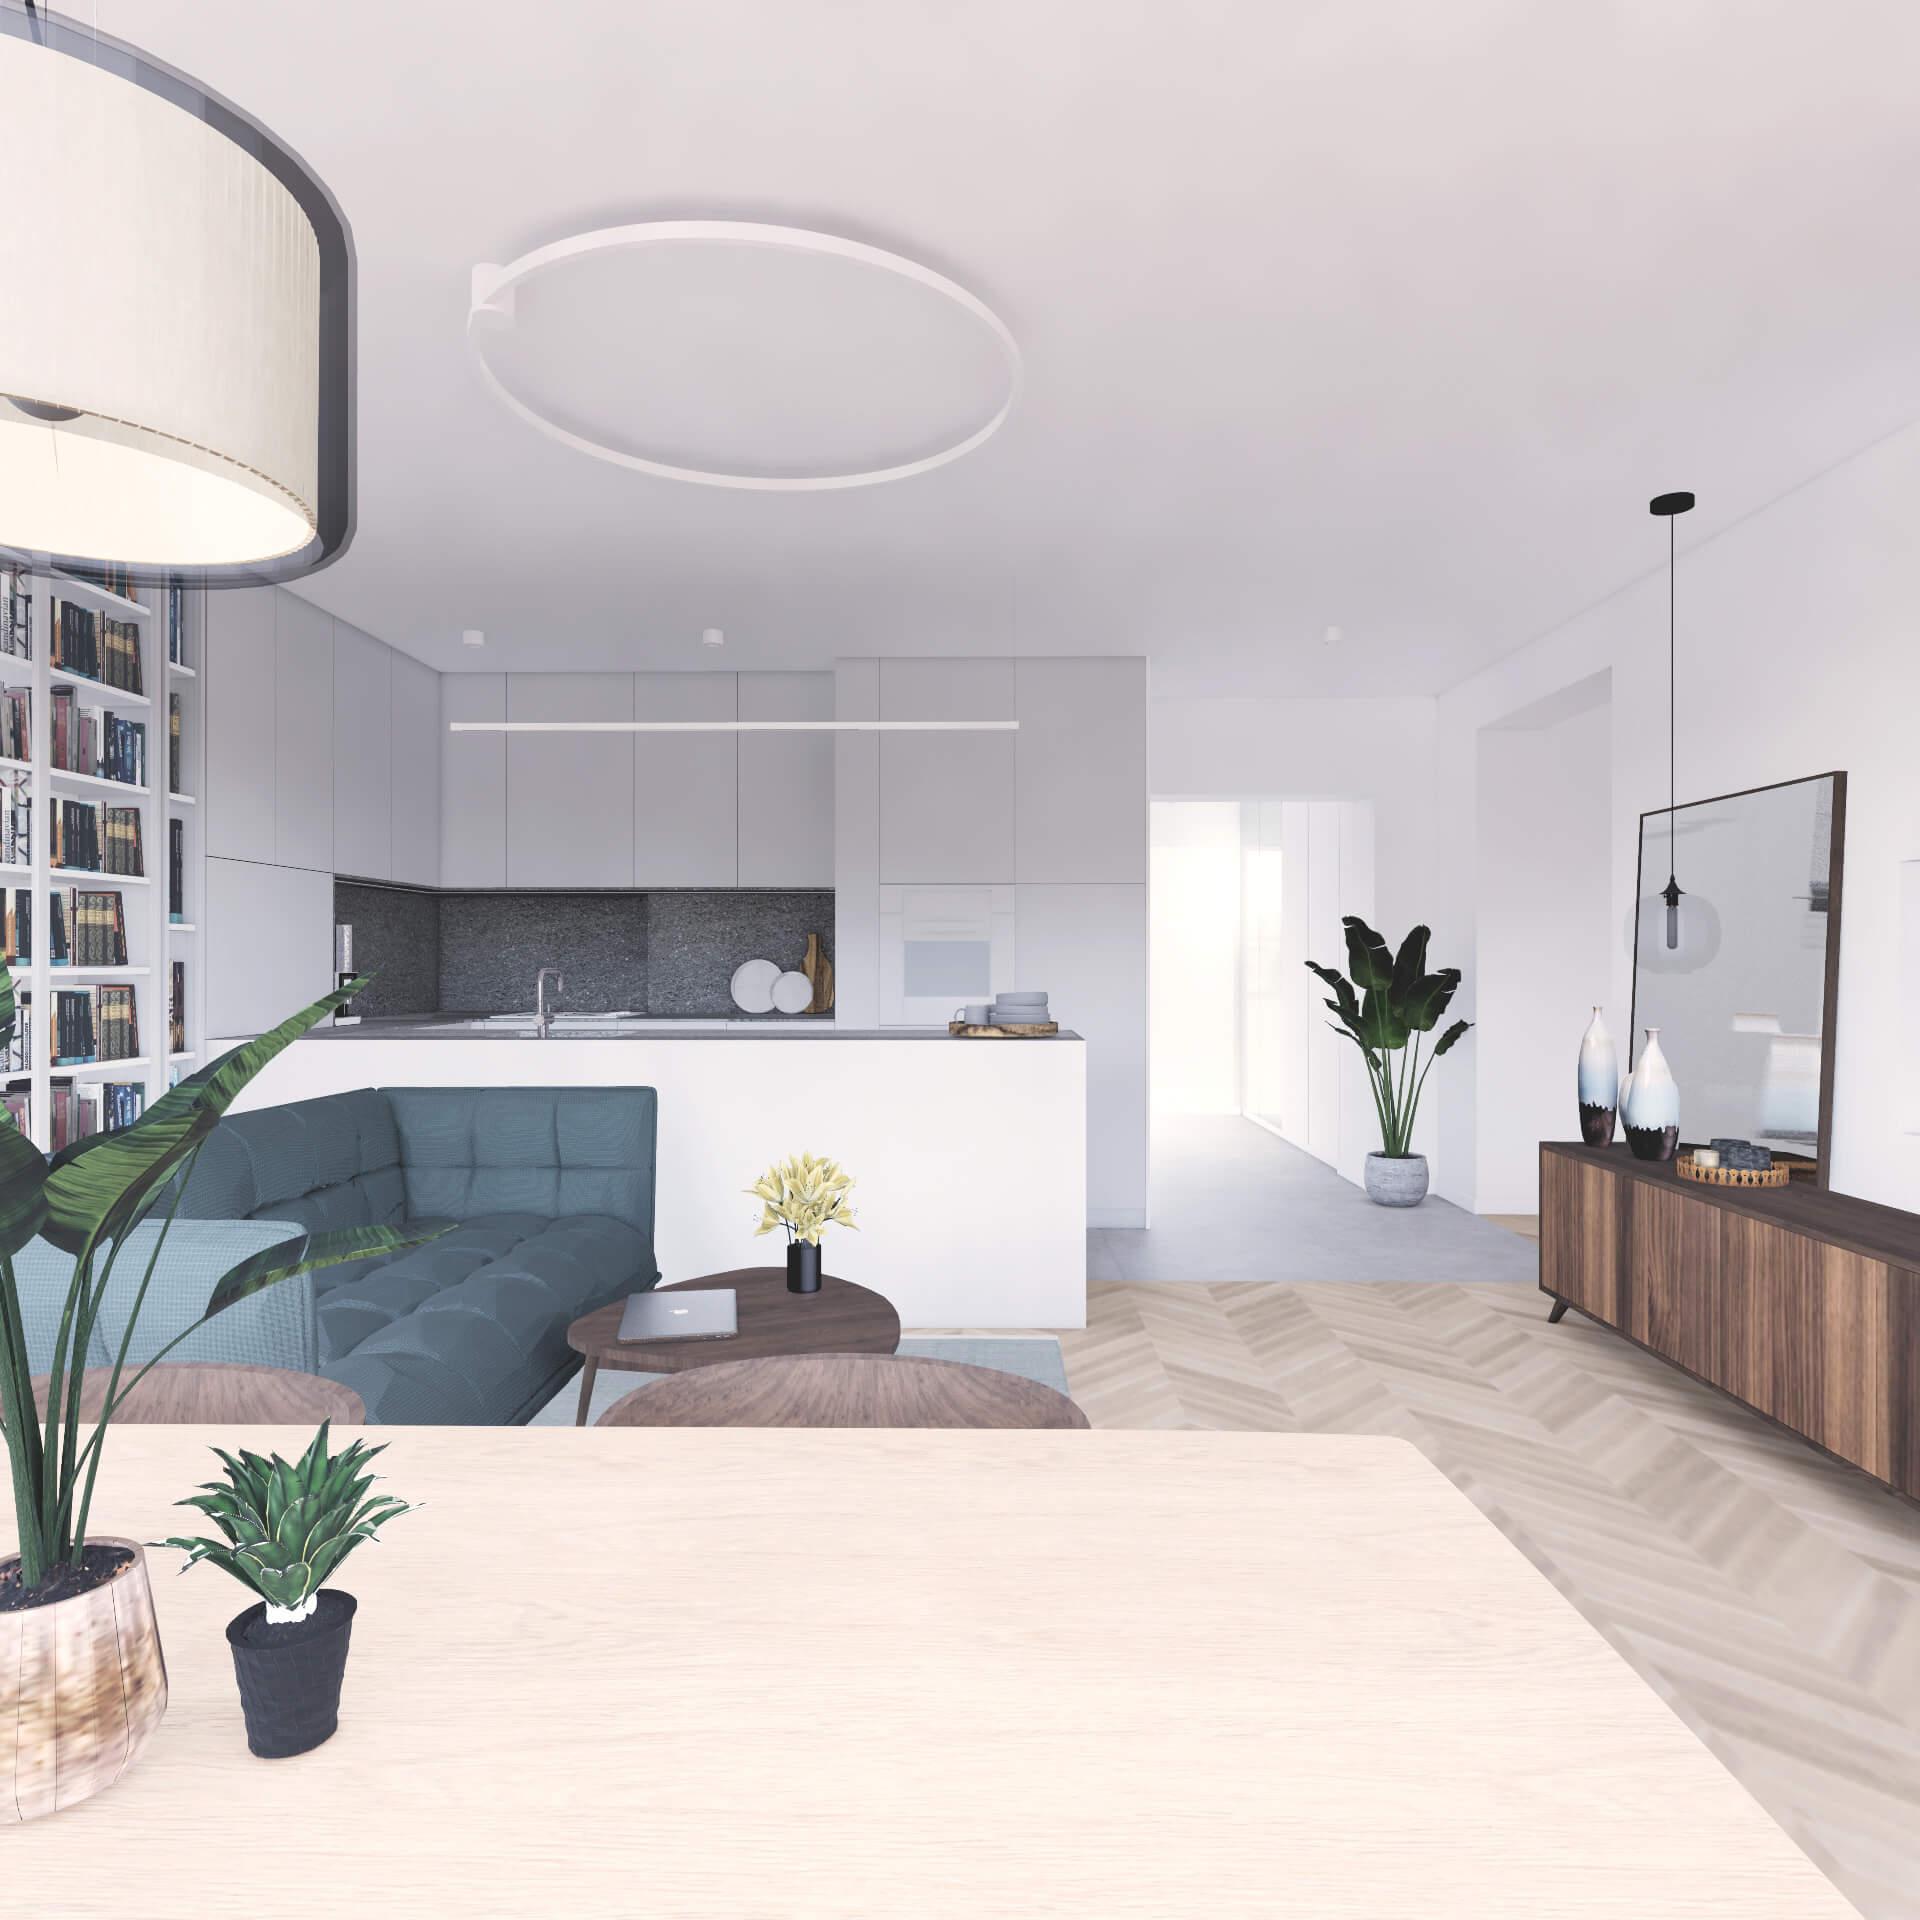 Projekt wnętrza mieszkania wraz z nadzorem nad realizacją. Salon w mieszkaniu 71 m2. Założeniem projektu jest prosta, spokojna przestrzeń w stonowanych kolorach z beżami i szarościami. Na wizualizacji aneks kuchenny wyraźnie oddzielony od salonu. Formalnie podkreśla to zmiana materiału na podłodze i półwysep kuchenny. Meble w kuchni są w jasnych, stonowanych barwach, aby stanowić tło dla salonu.